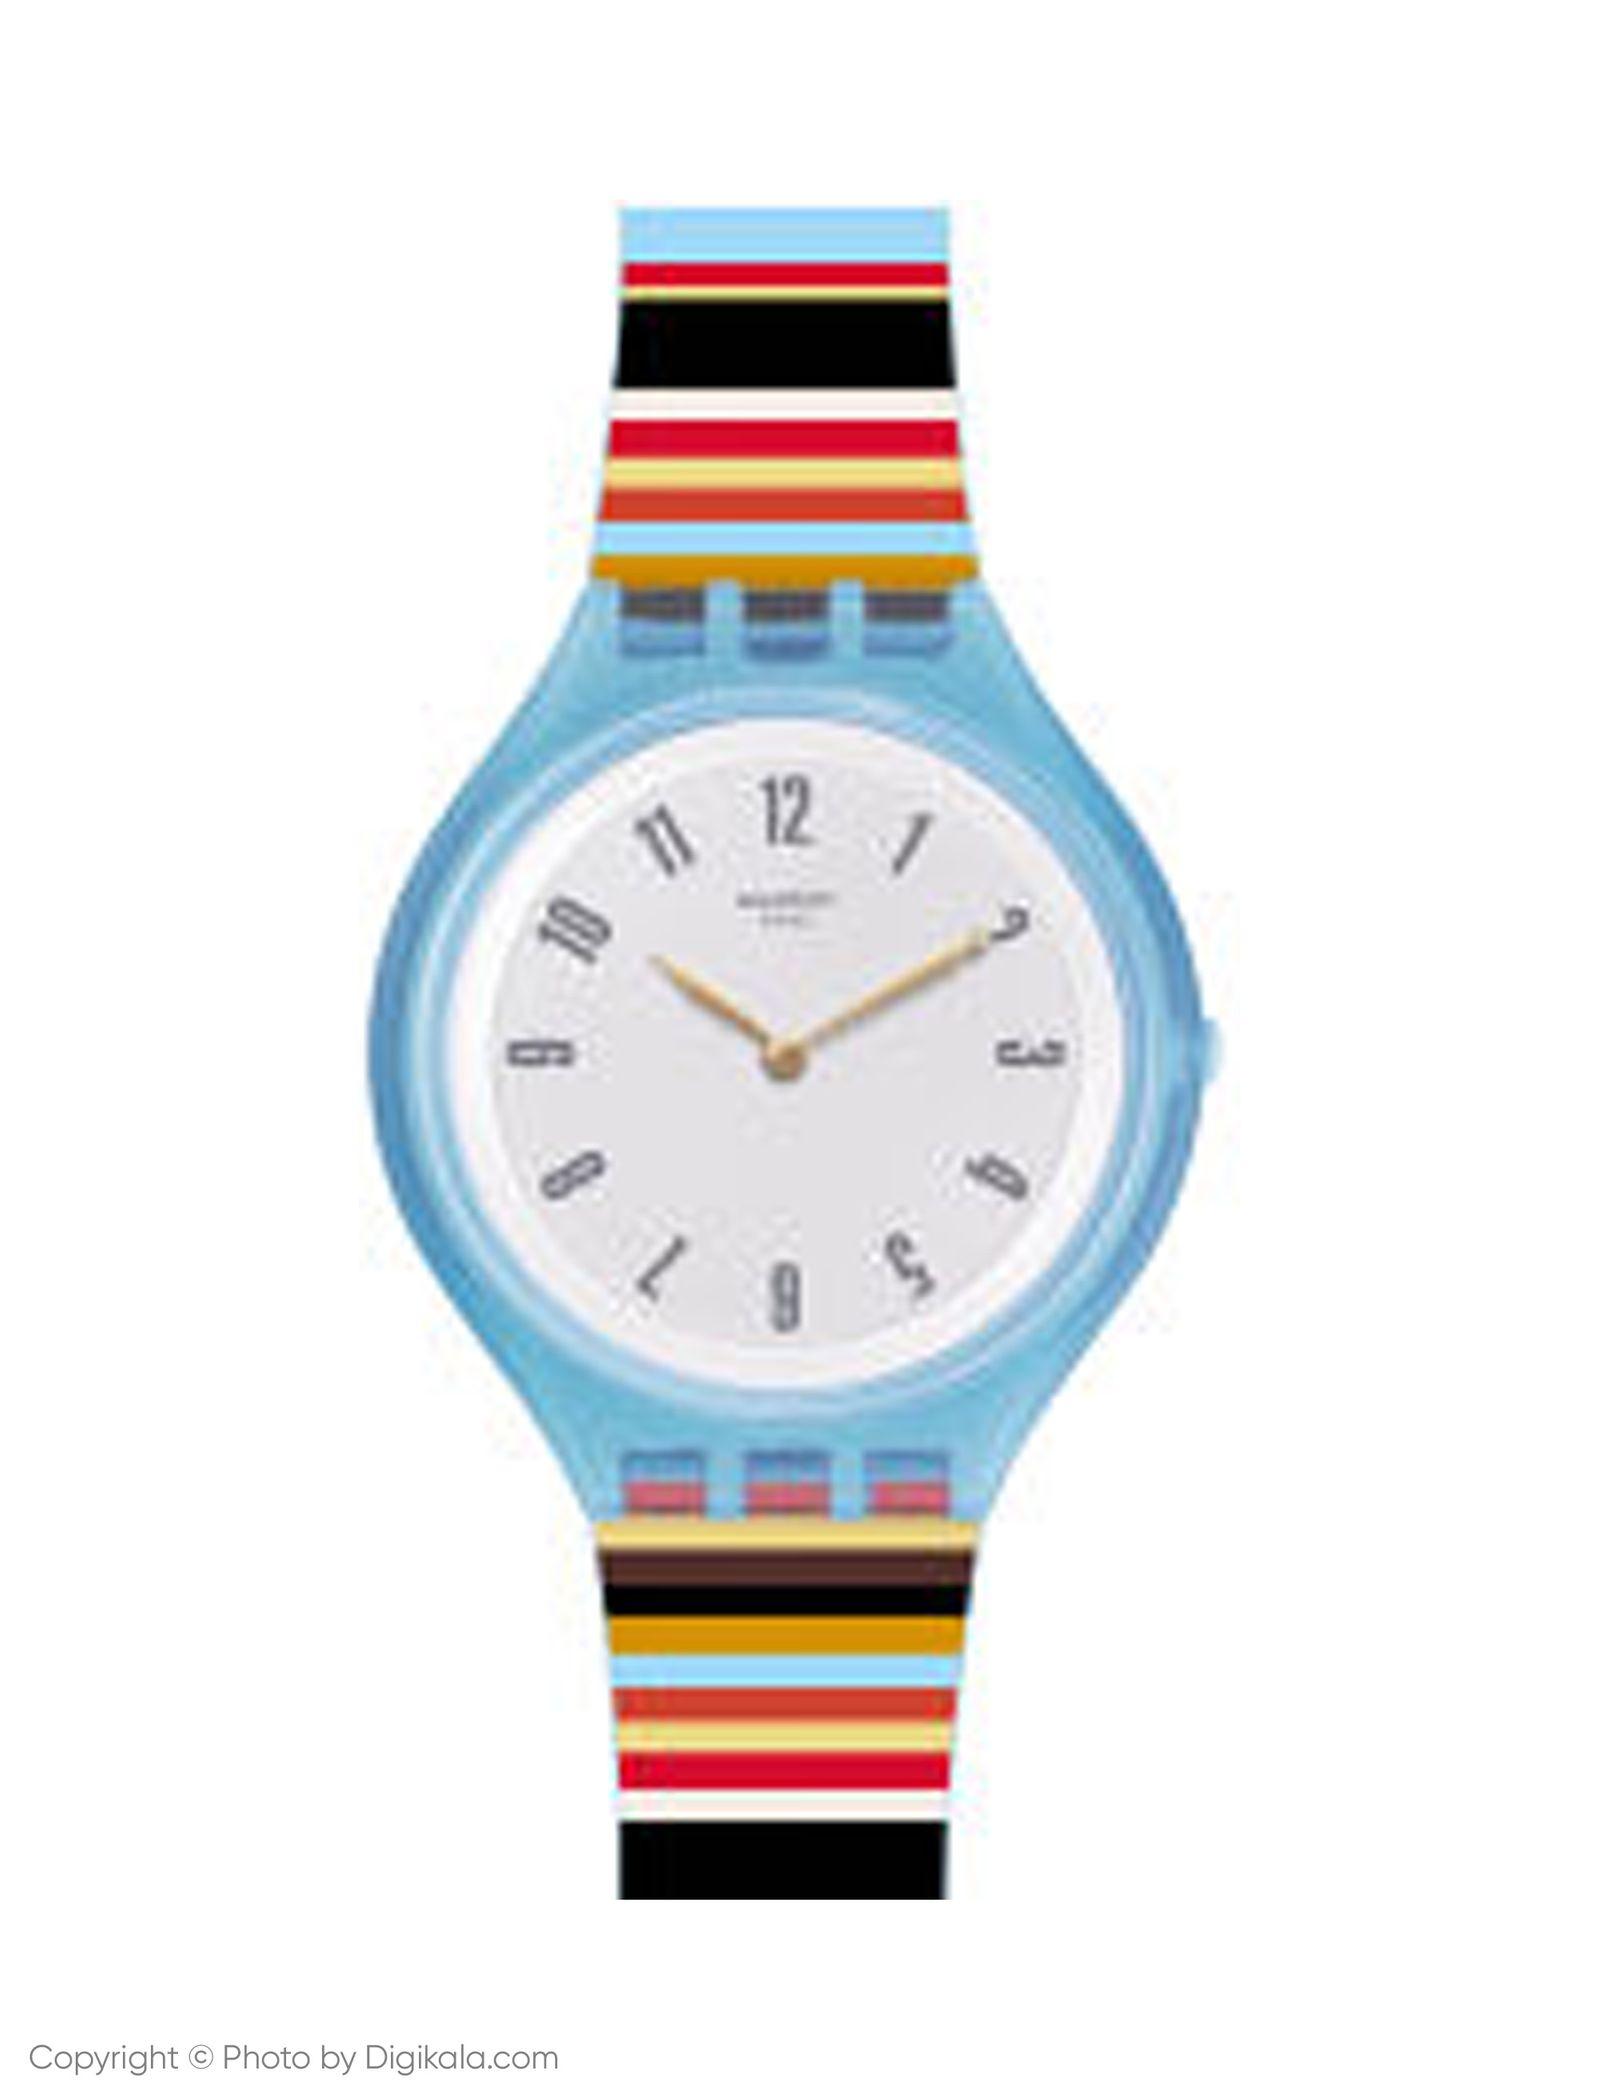 ساعت مچی عقربه ای زنانه سواچ مدل SVUL100 - چند رنگ - 1